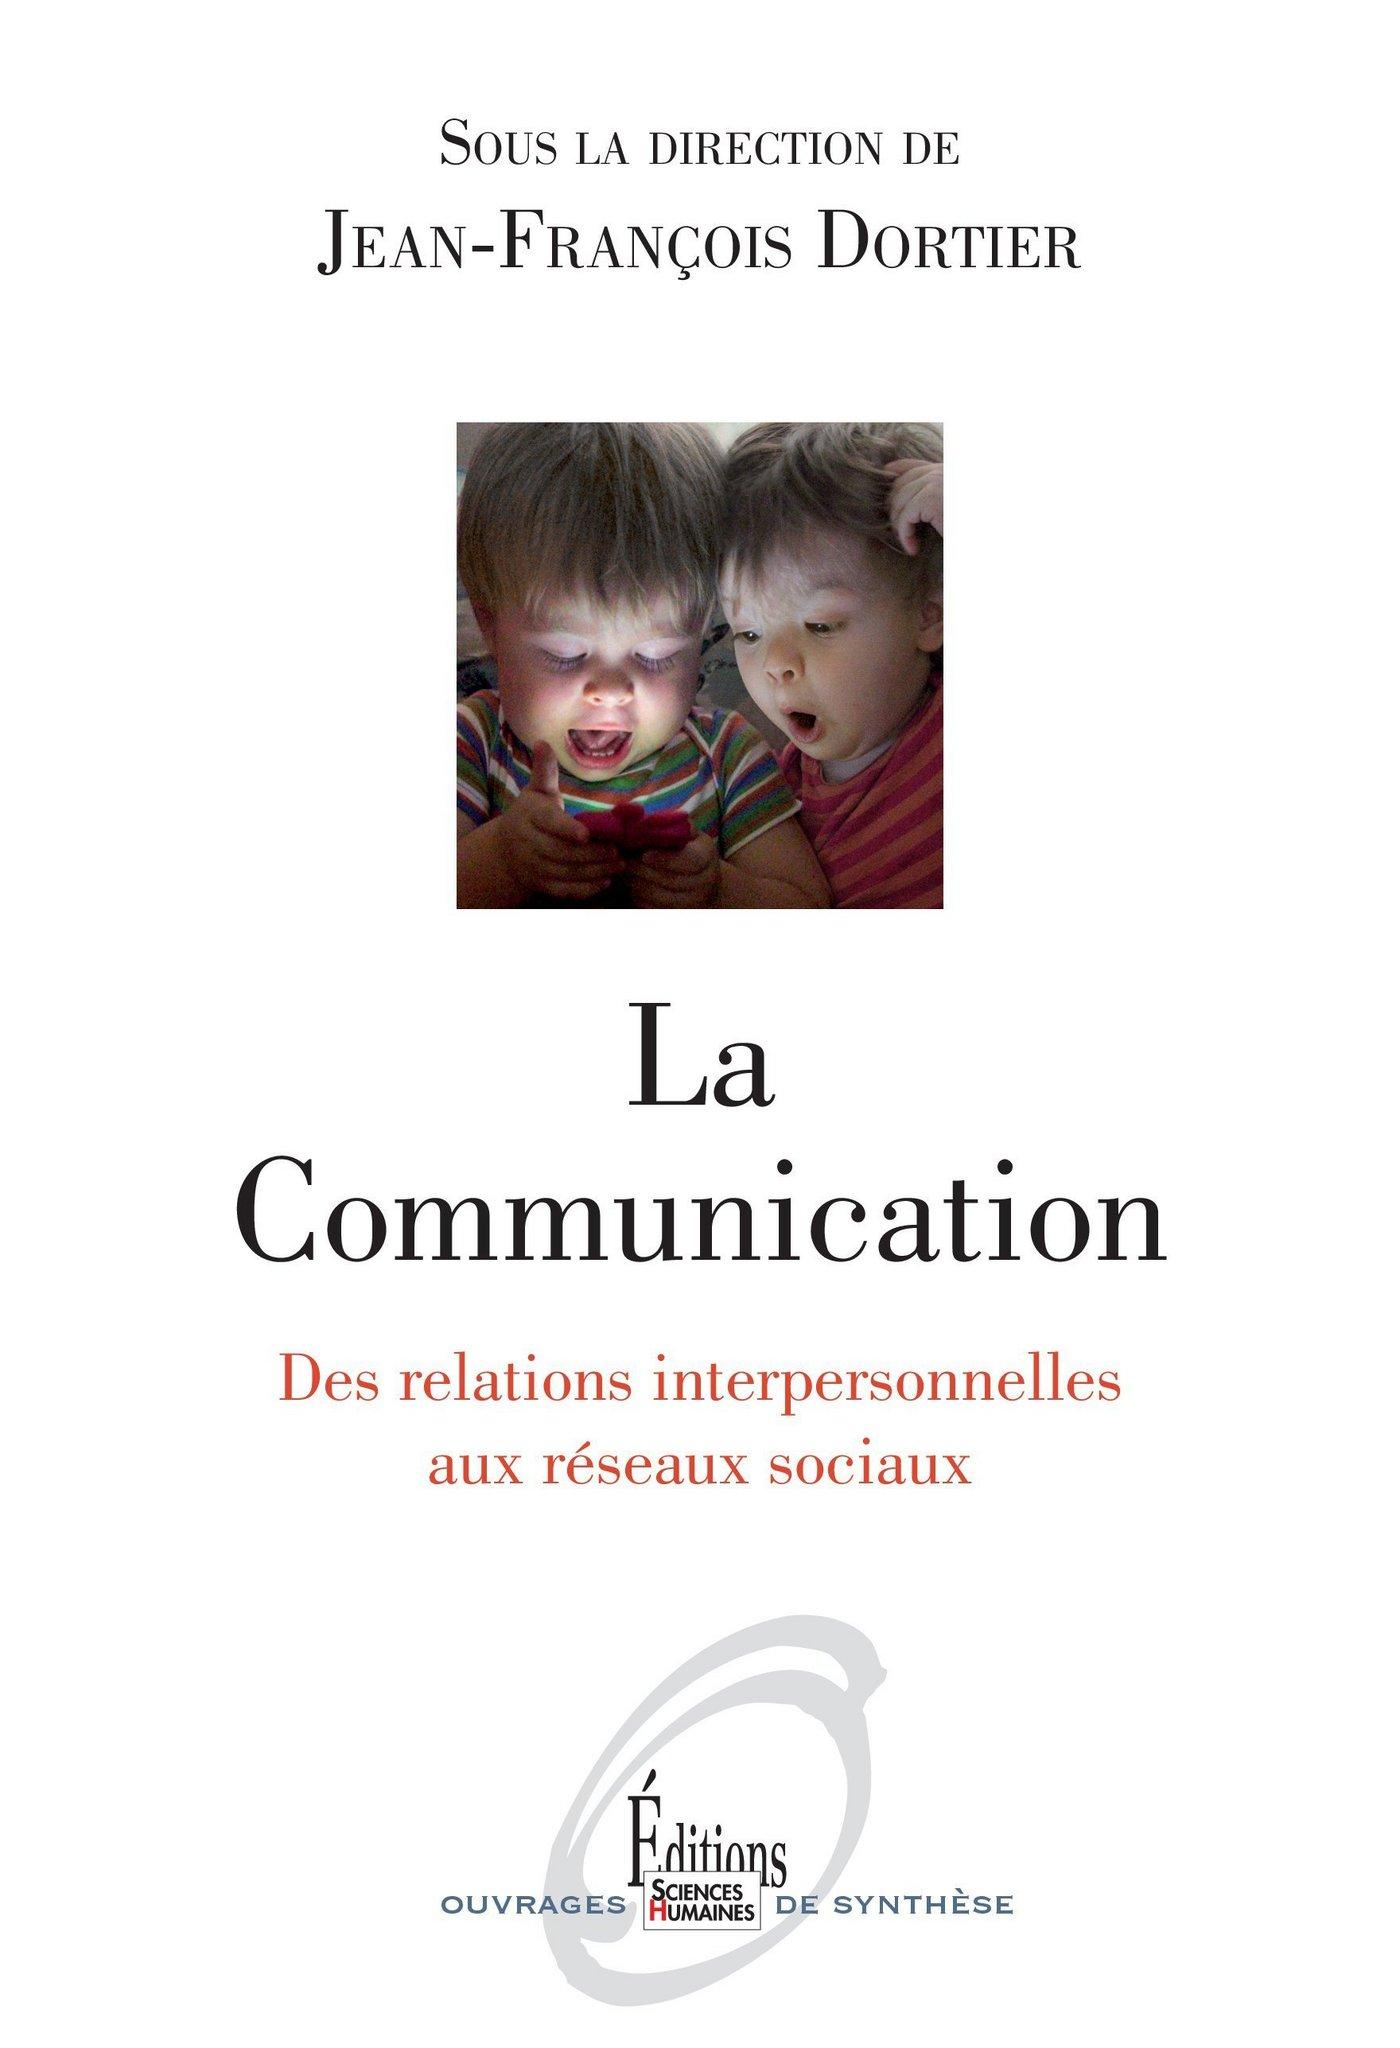 La Communication. Des relations interpersonnelles aux réseaux sociaux